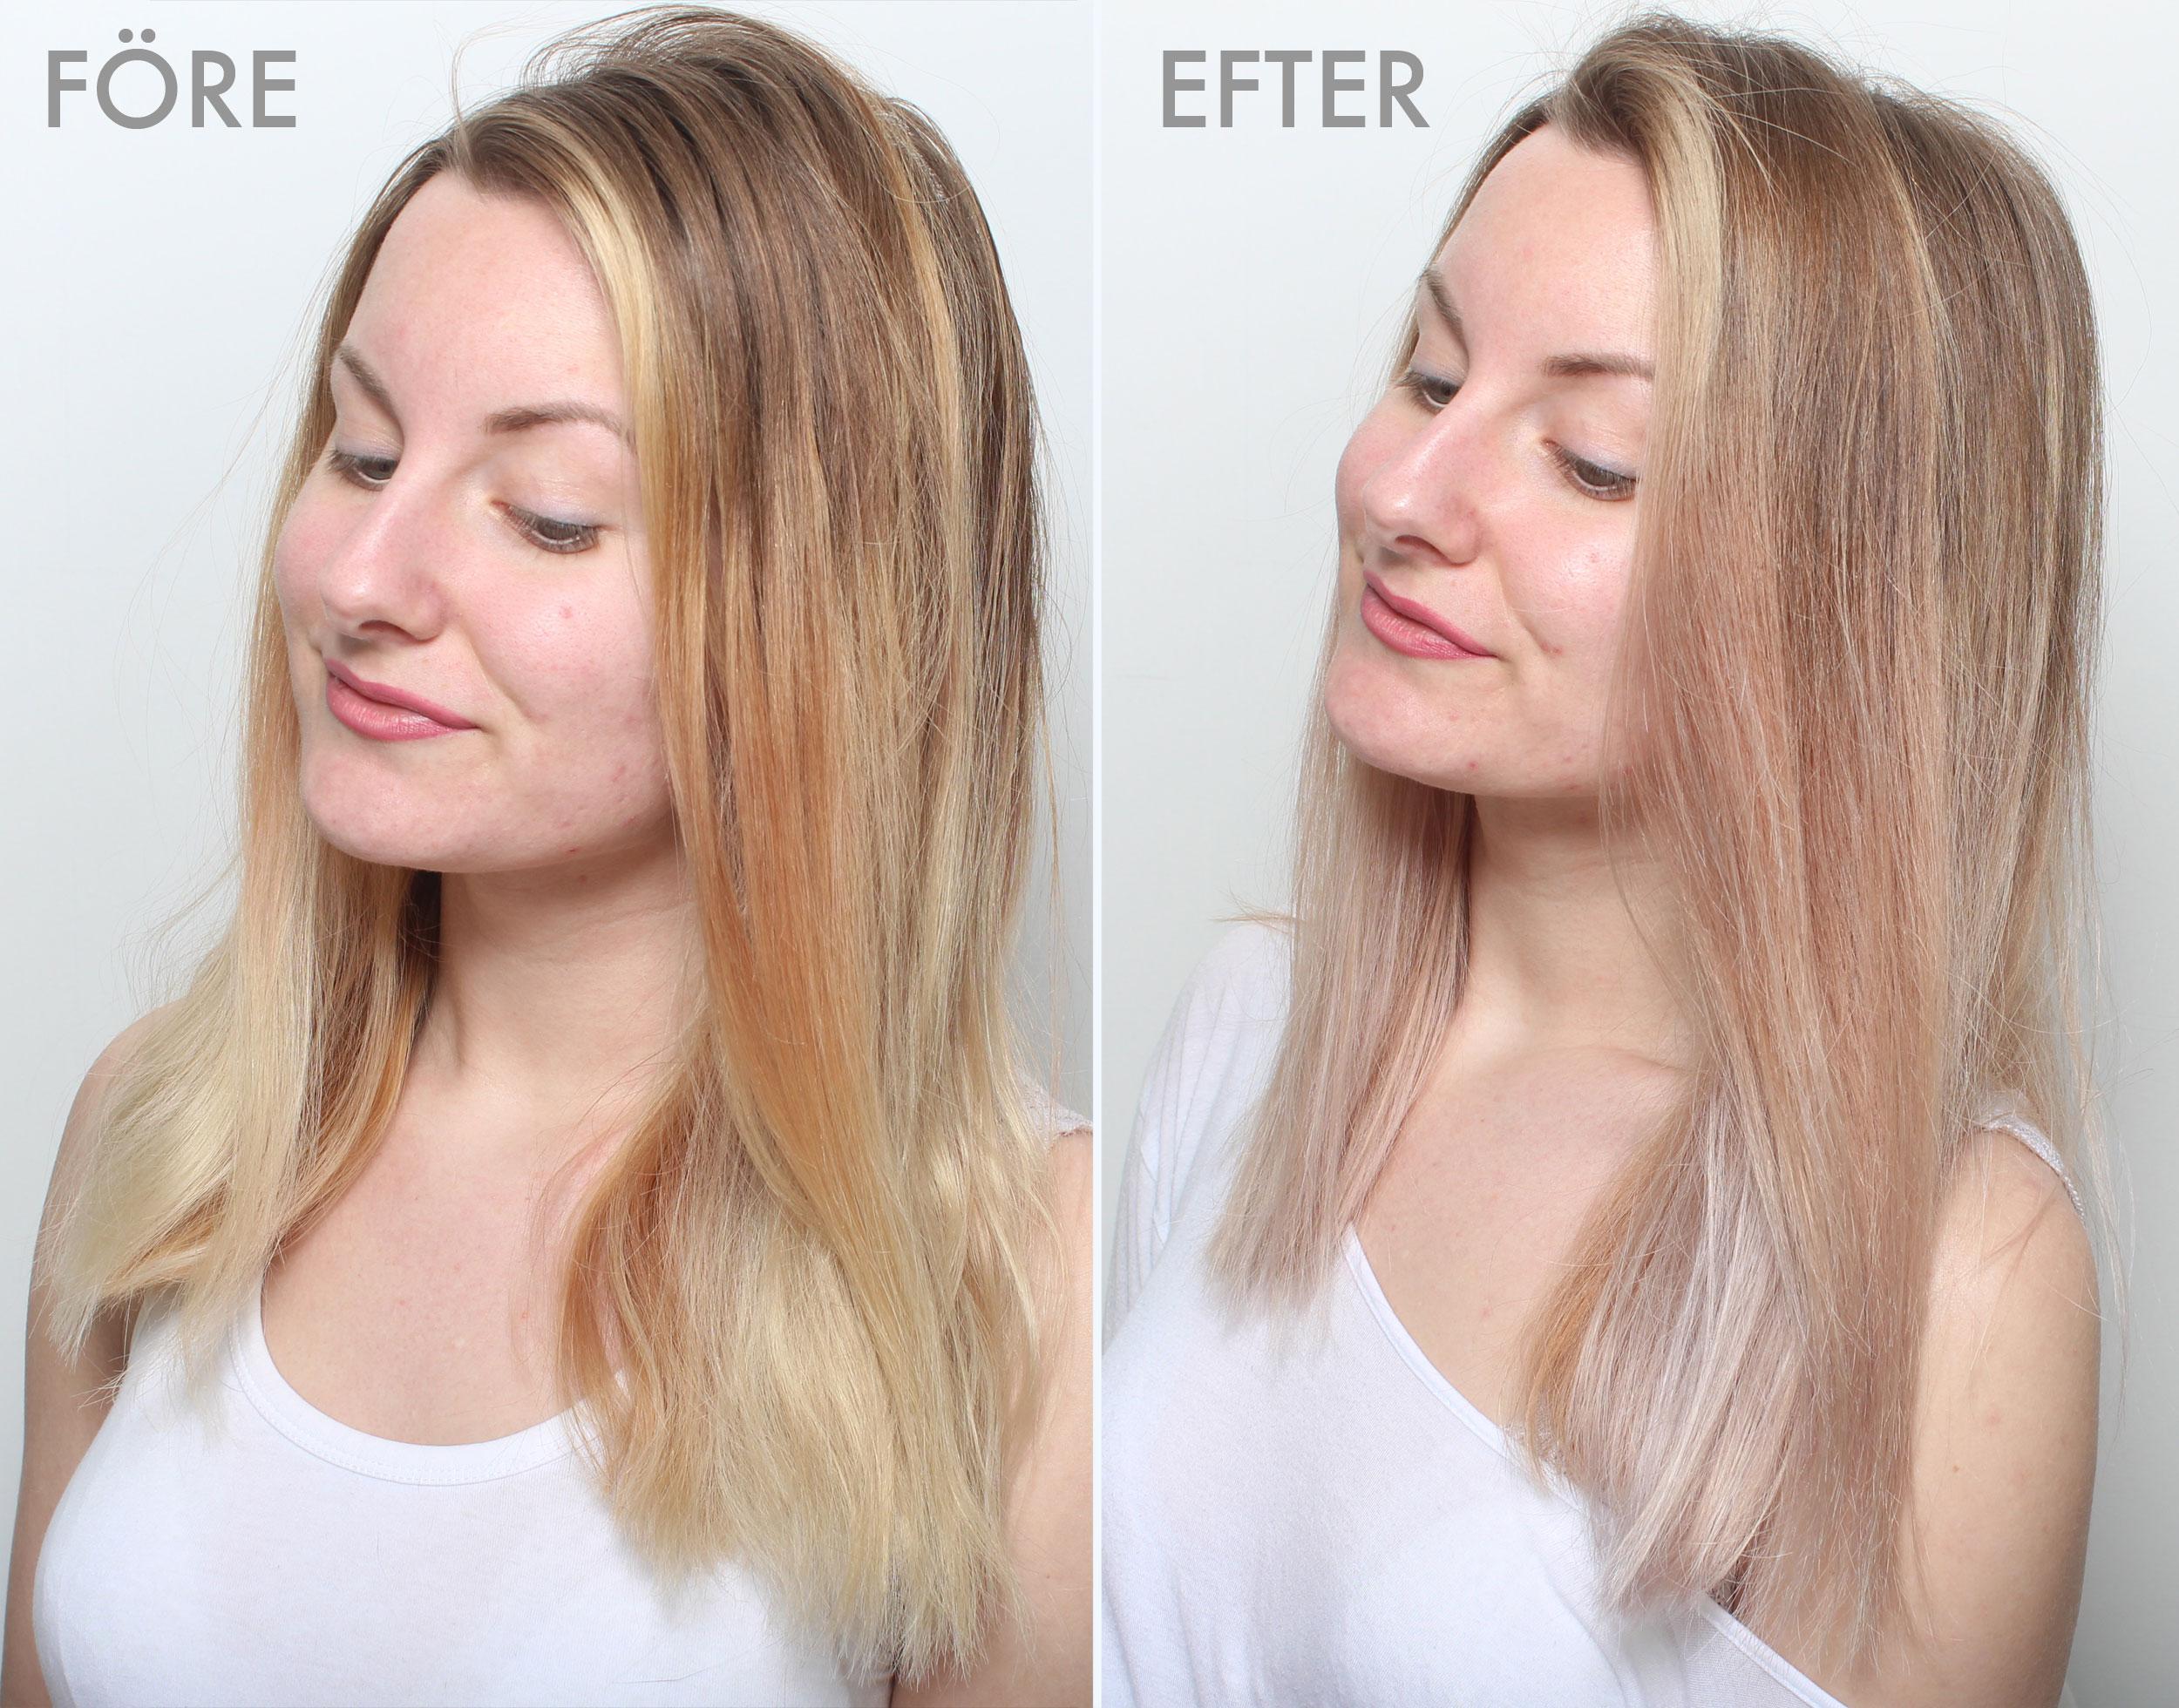 få bort toning ur håret snabbt